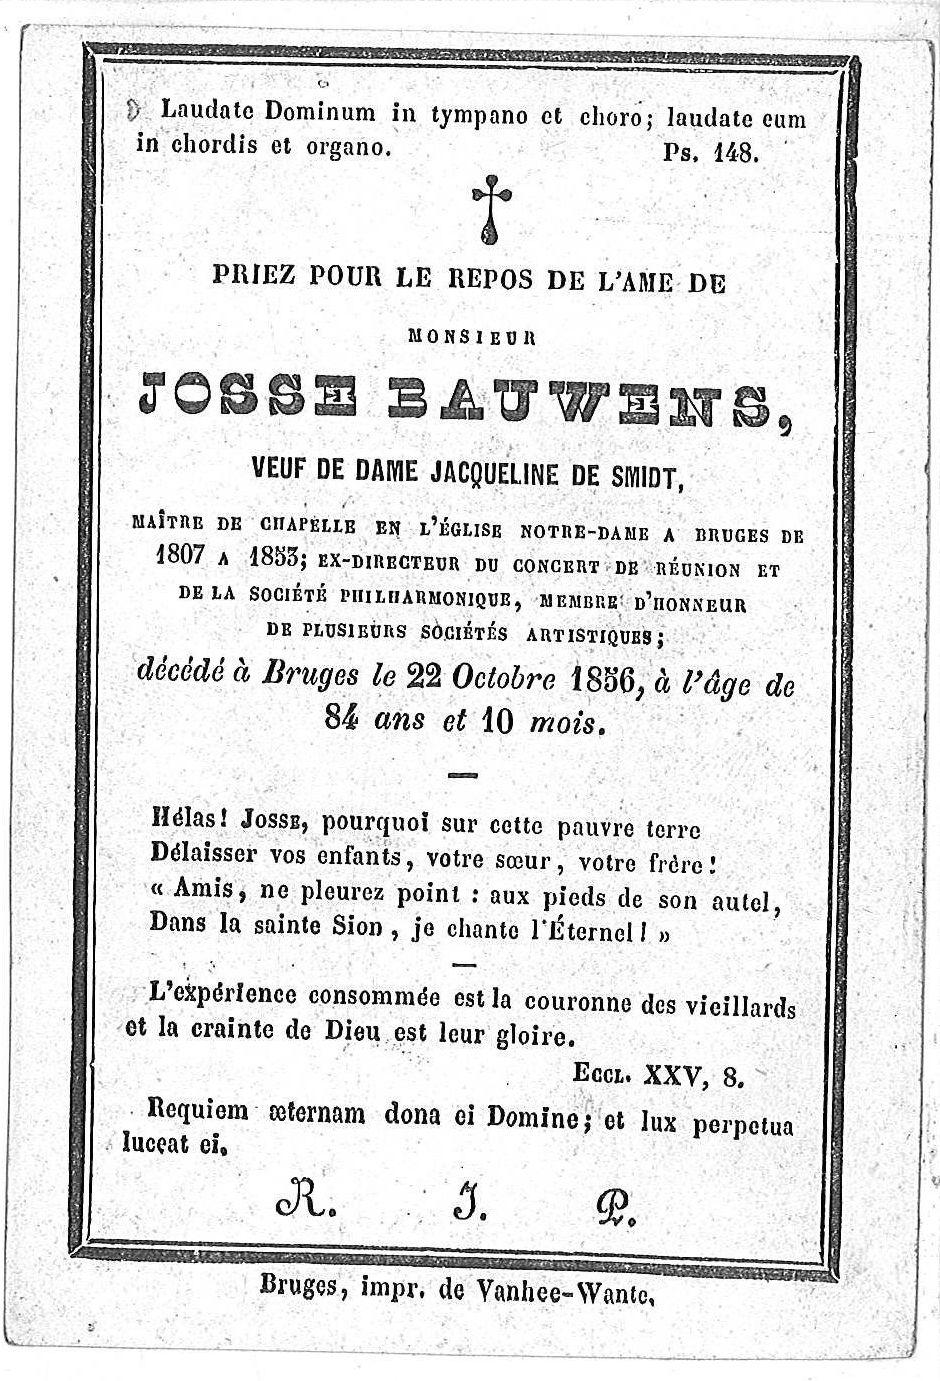 Josse Bauwens